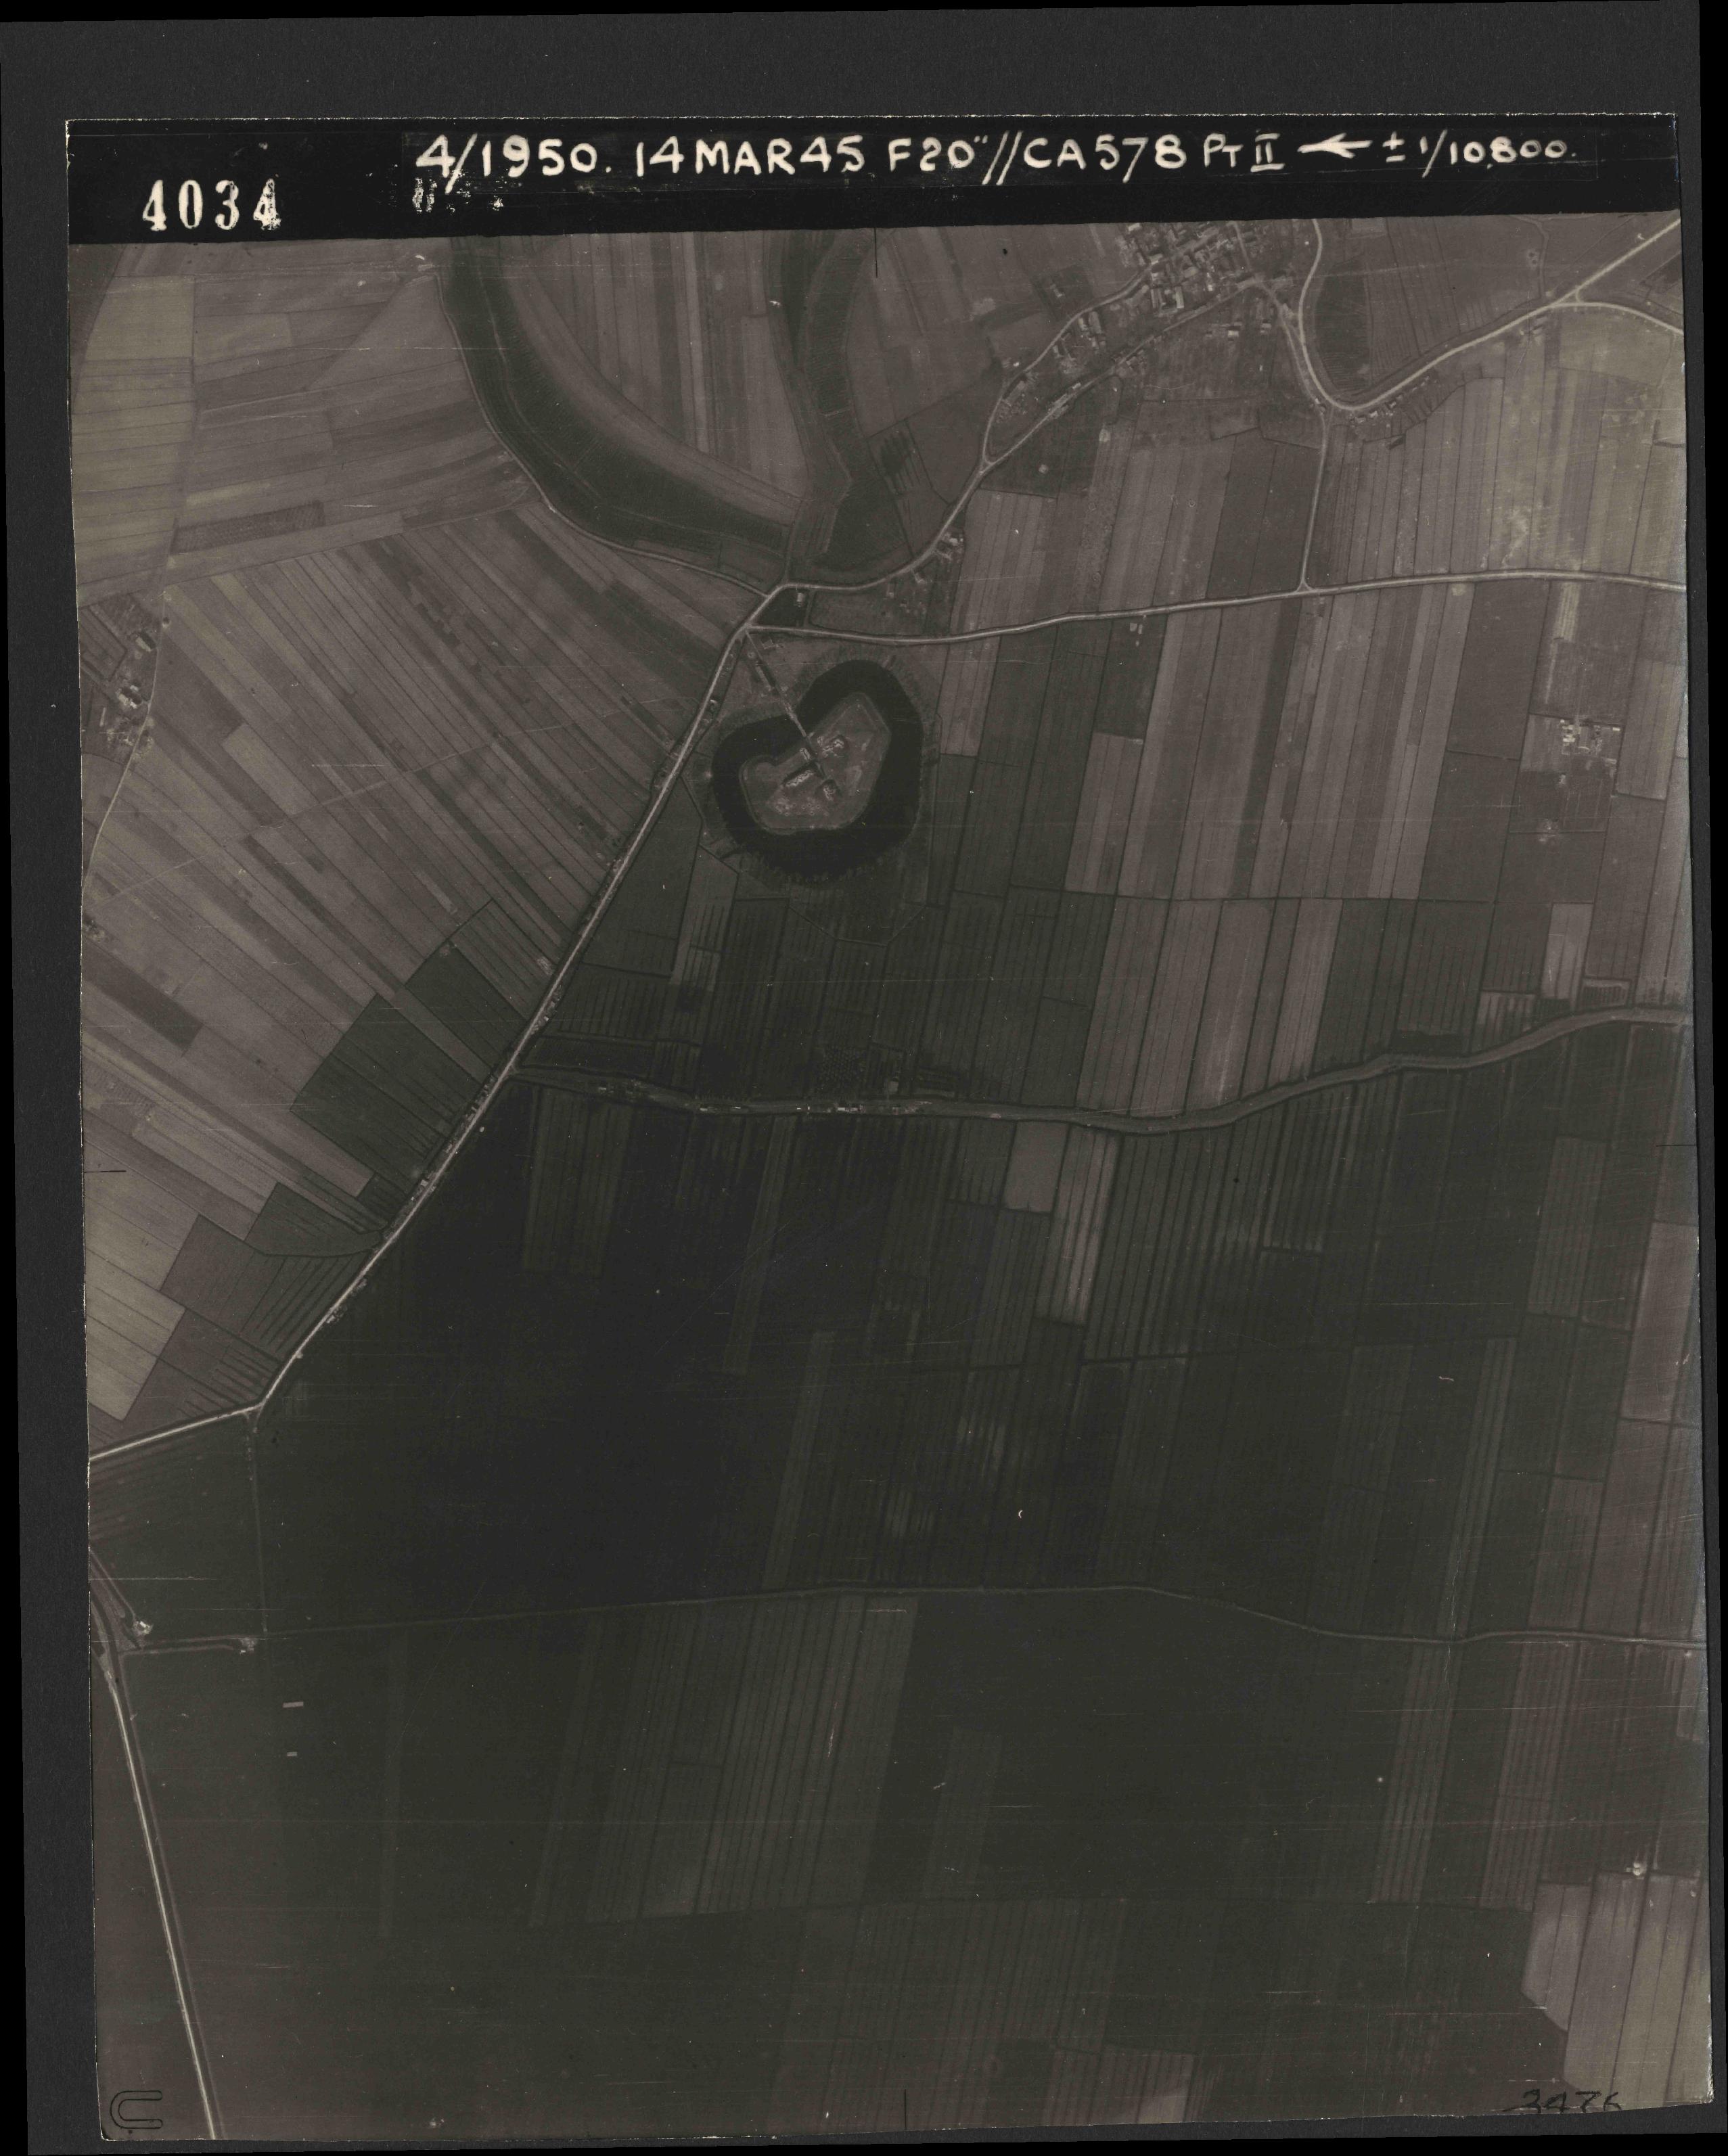 Collection RAF aerial photos 1940-1945 - flight 010, run 02, photo 4033